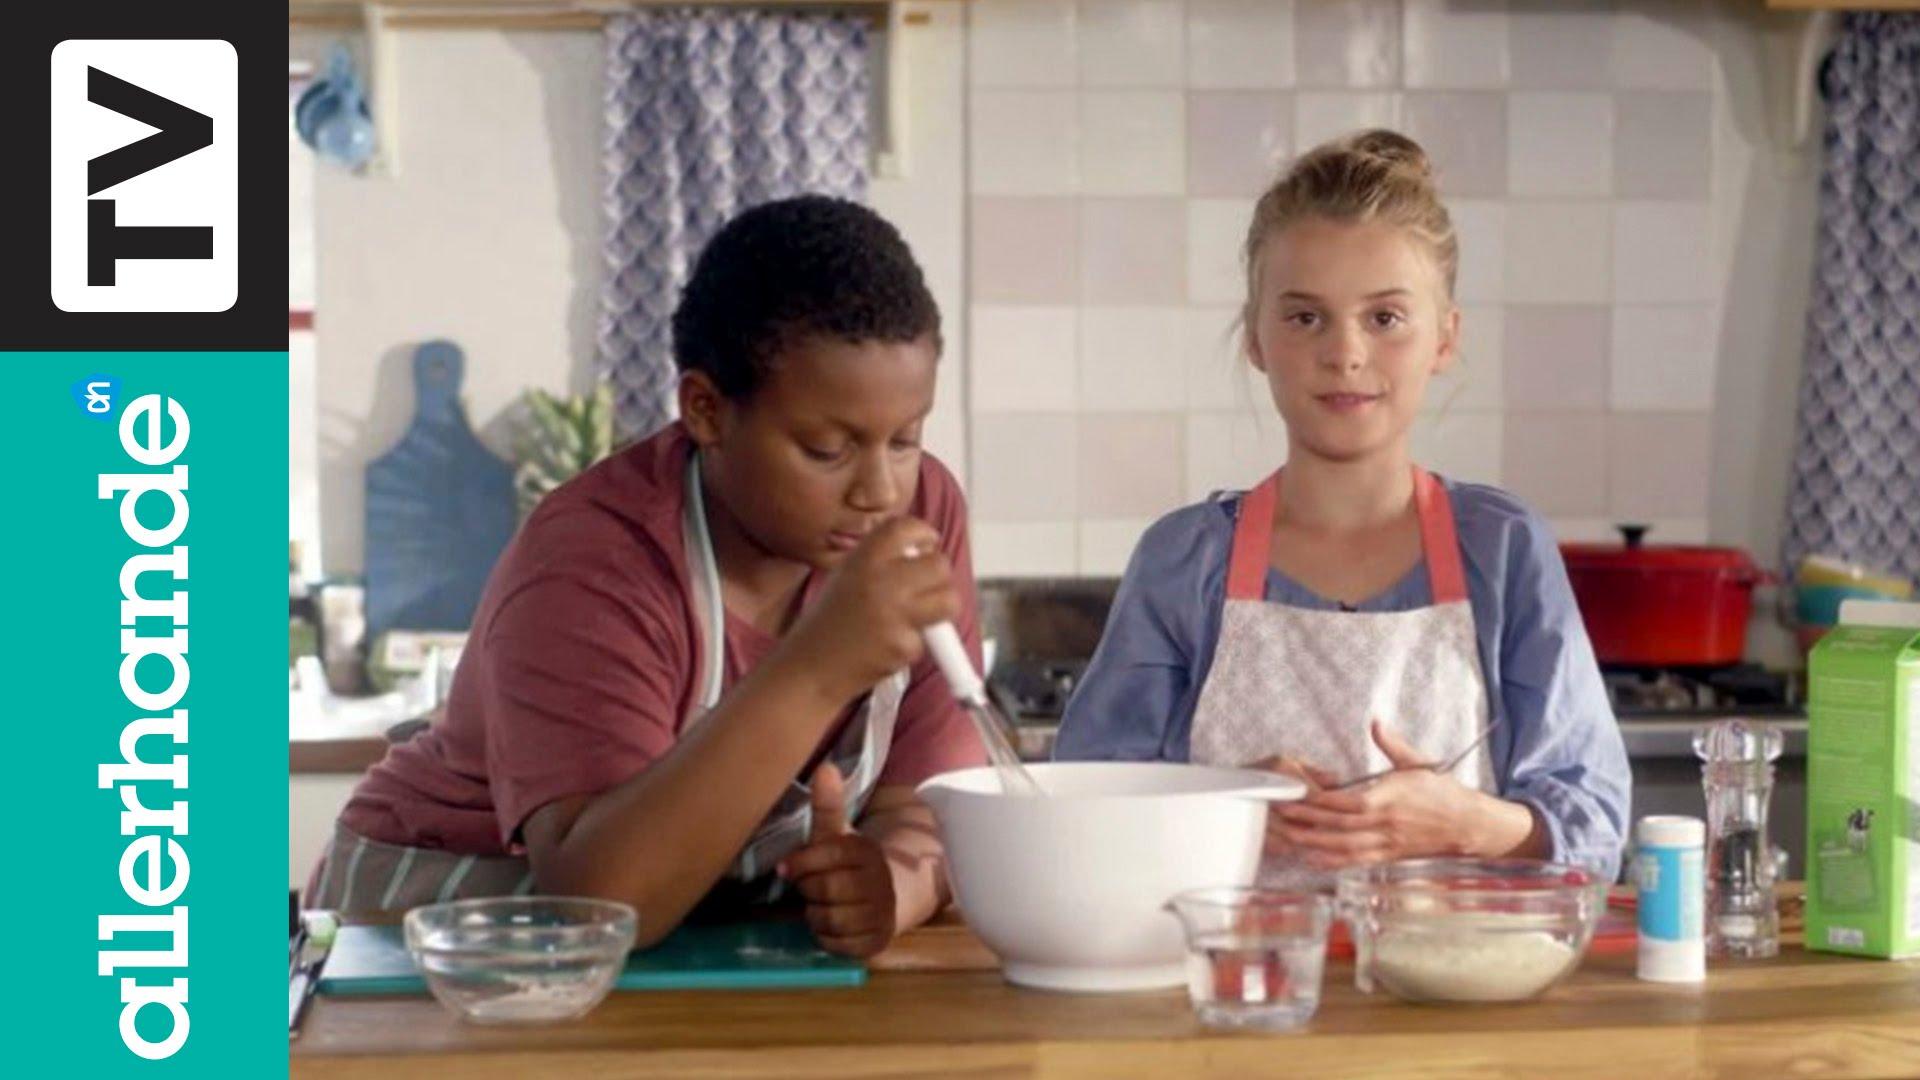 Hoe maak je kipnuggets? 2